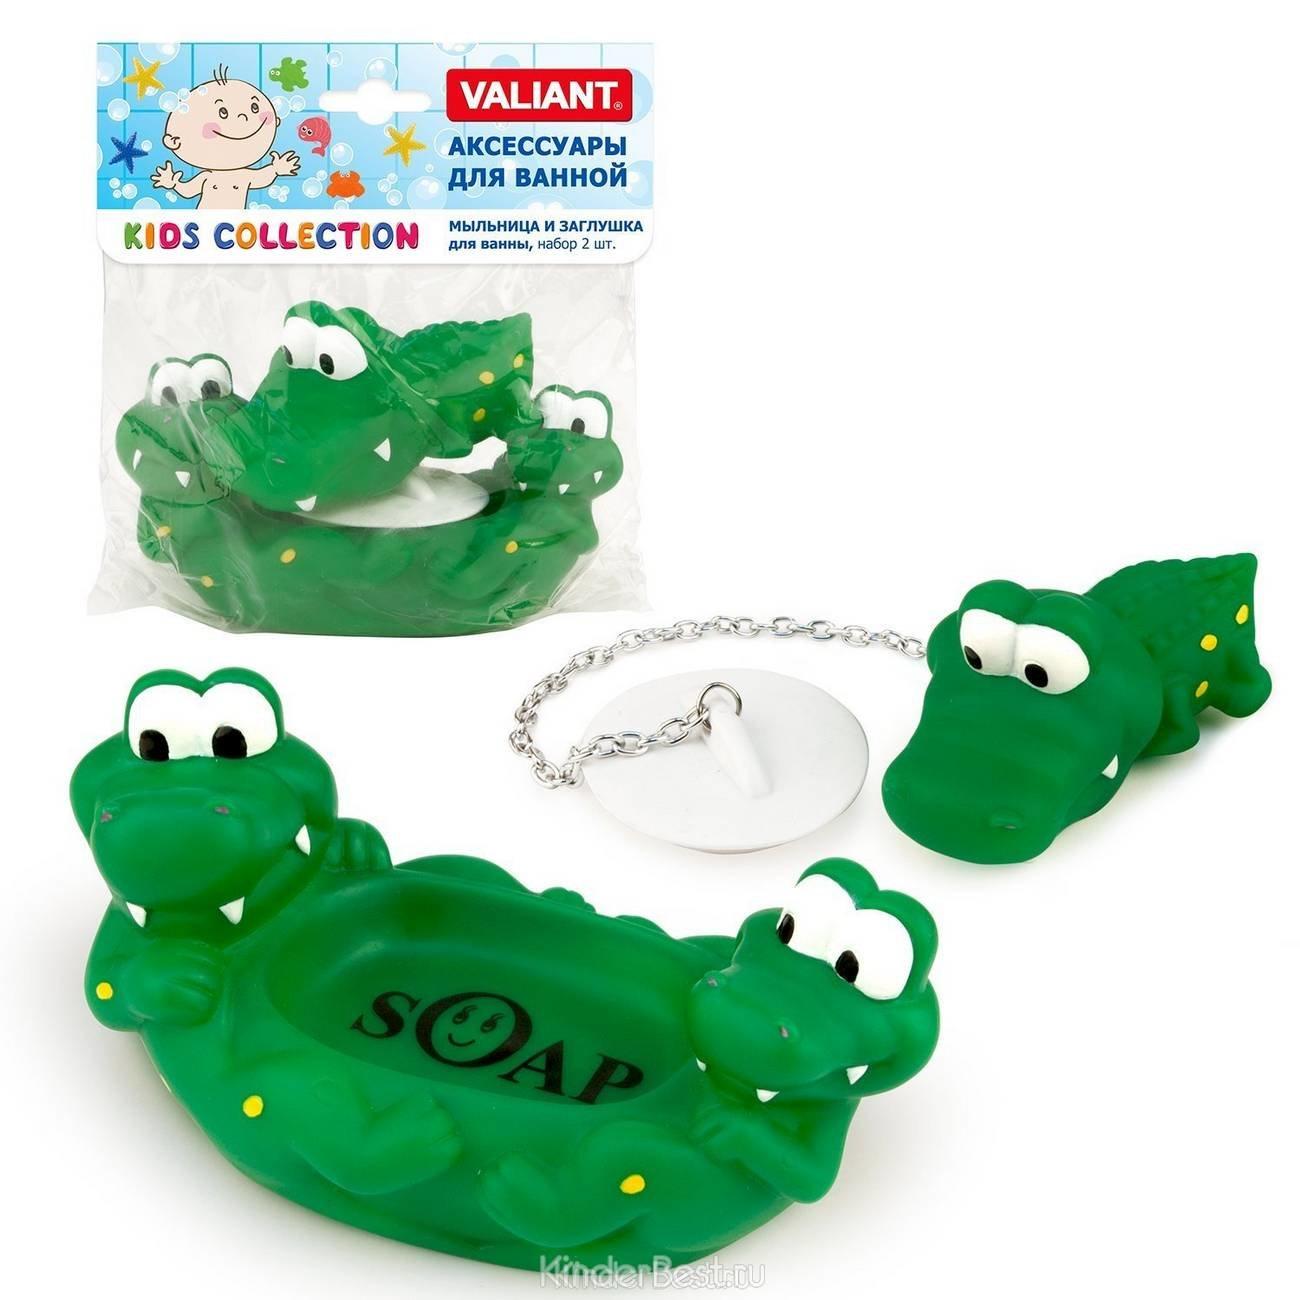 Мыльница и заглушка для ванны Valiant Крокодильчики, Набор 2 шт.